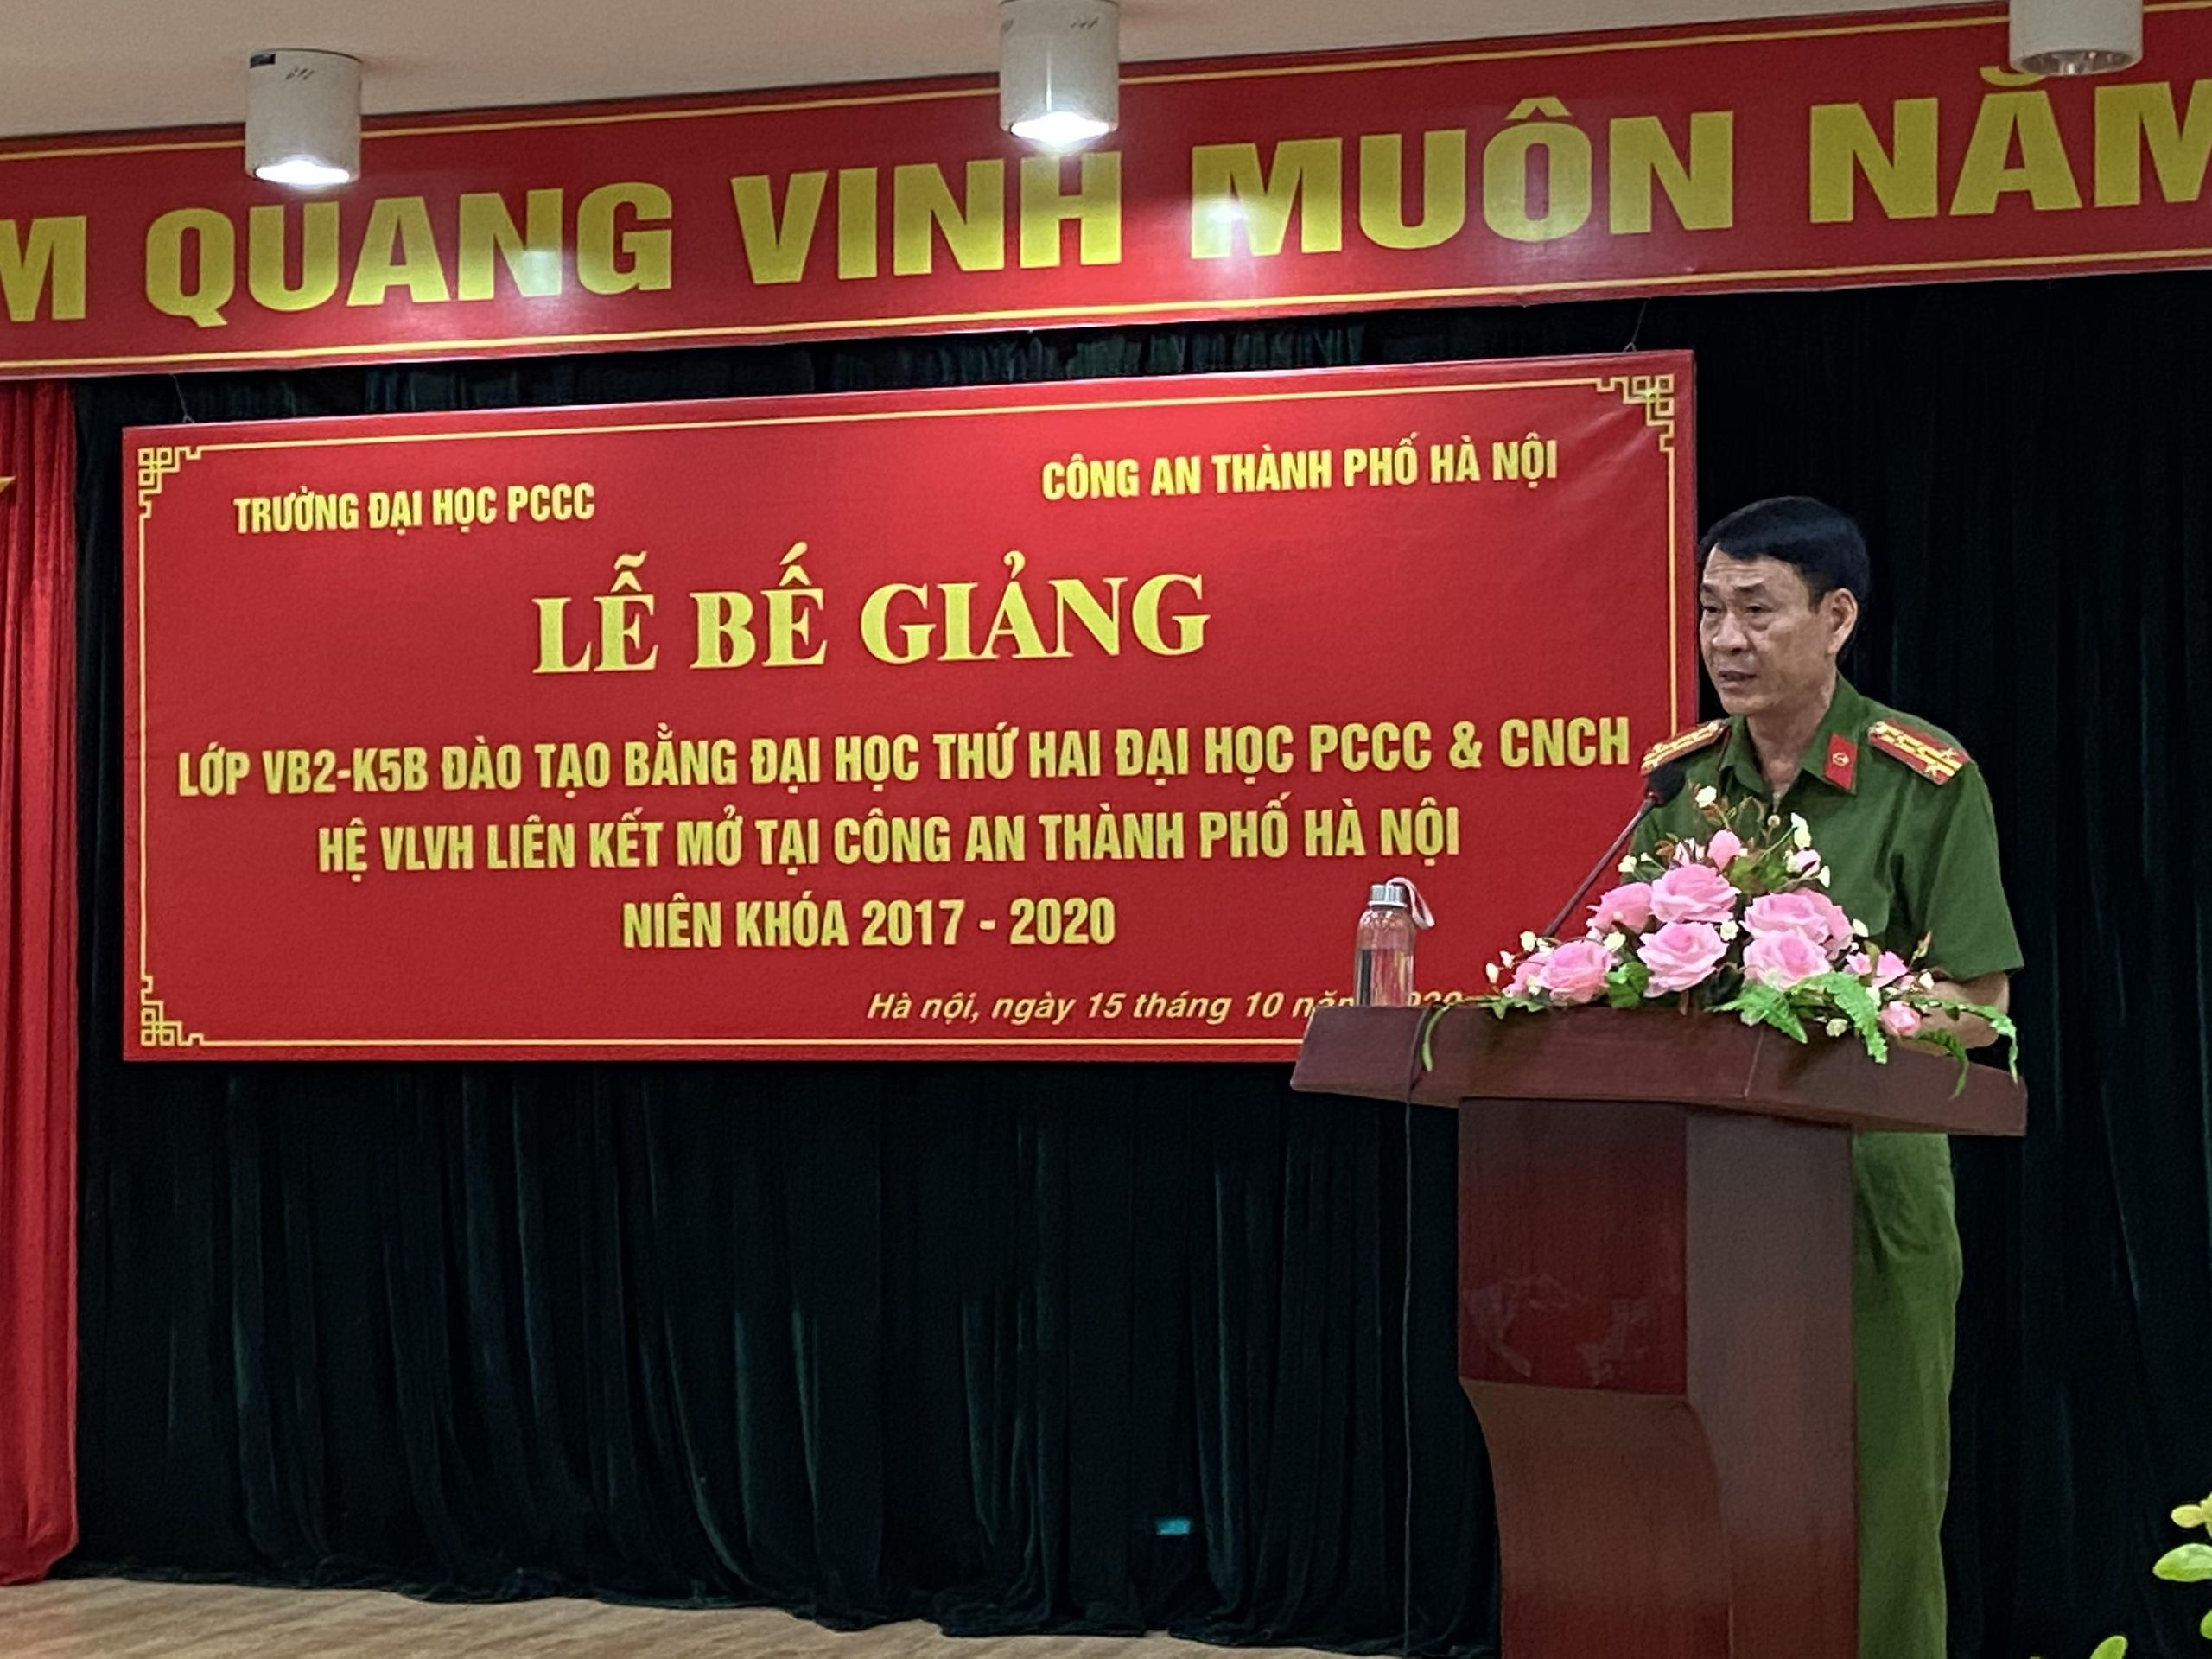 Bế giảng Lớp VB2-K5B đào tạo bằng đại học thứ hai Đại học PCCC&CNCH liên kết Công an Thành phố Hà Nội (Niên khóa 2017 – 2020)